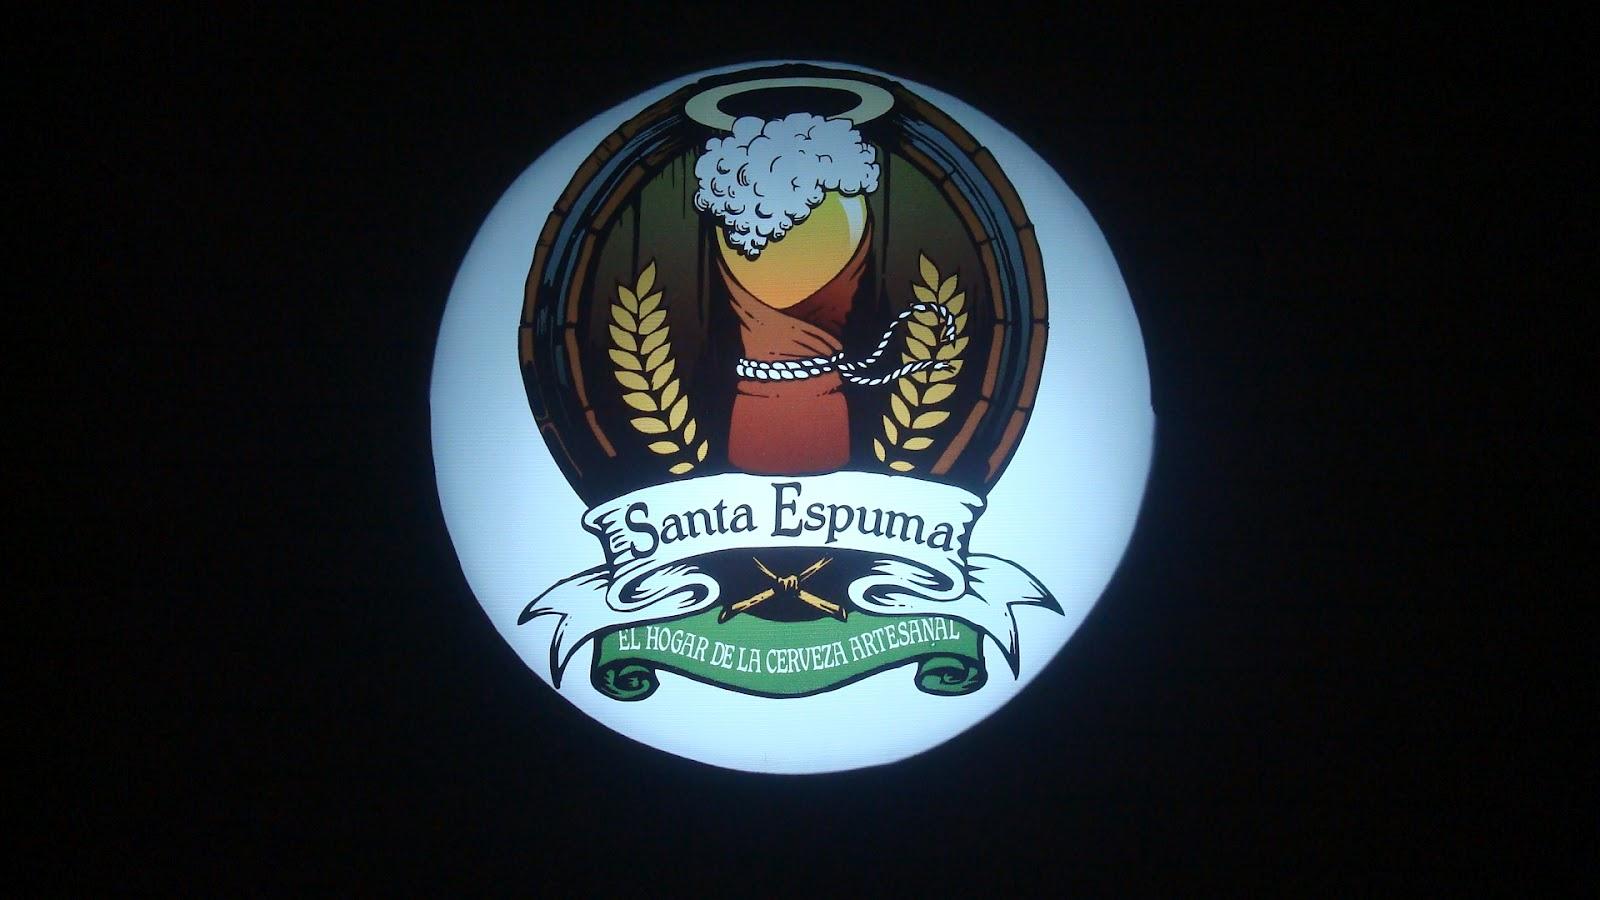 Santa Espuma Cerveceria, Quito, Ecuador